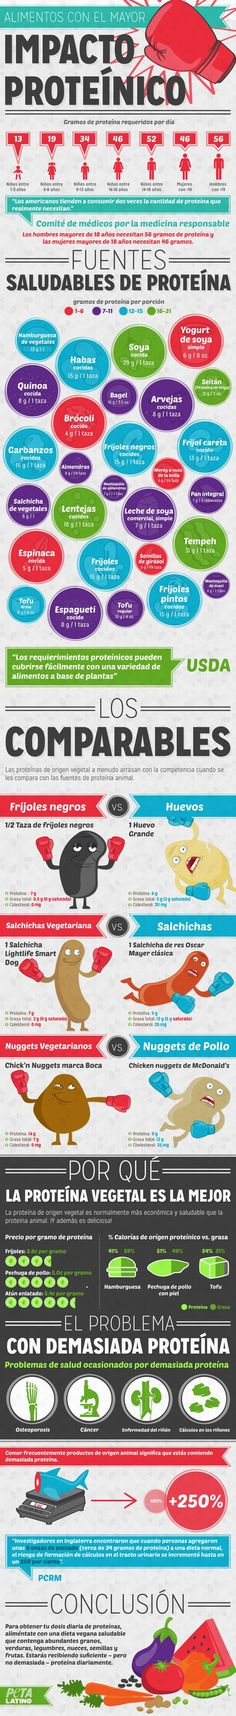 Los alimentos vegetarianos con mas proteínas. #nutrición #infografia #vegetarianos